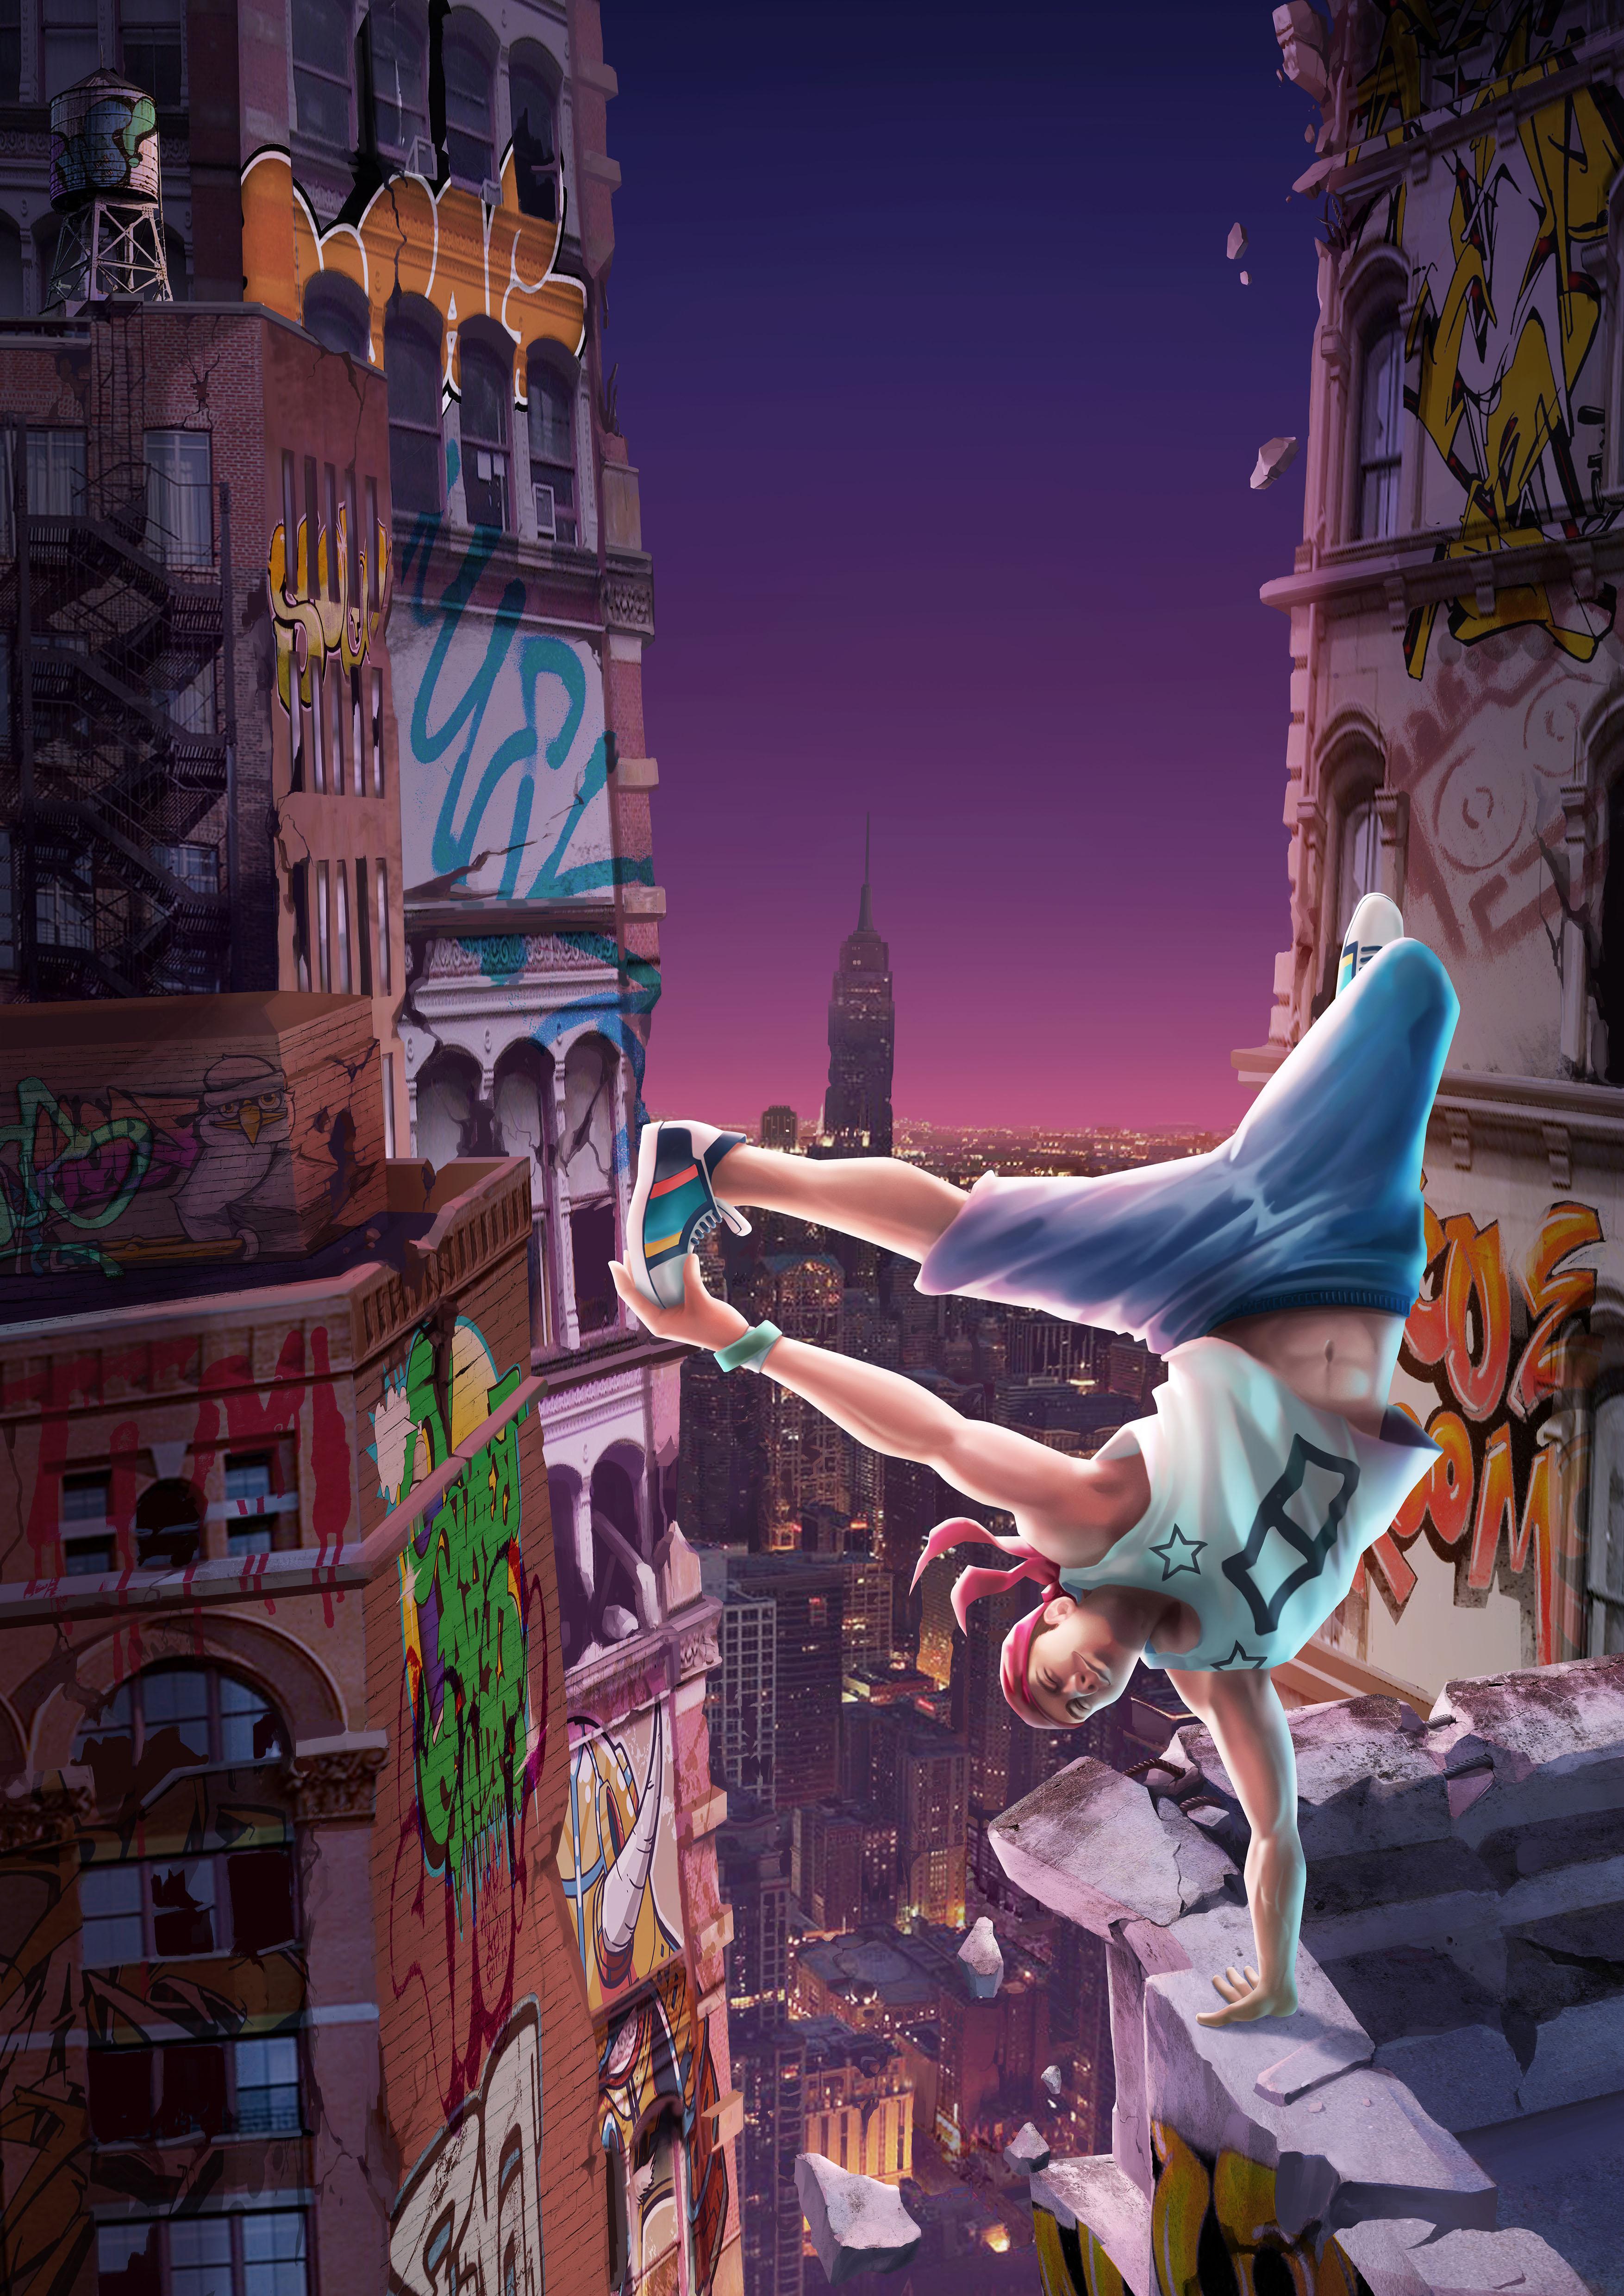 velocity_01_breakdance